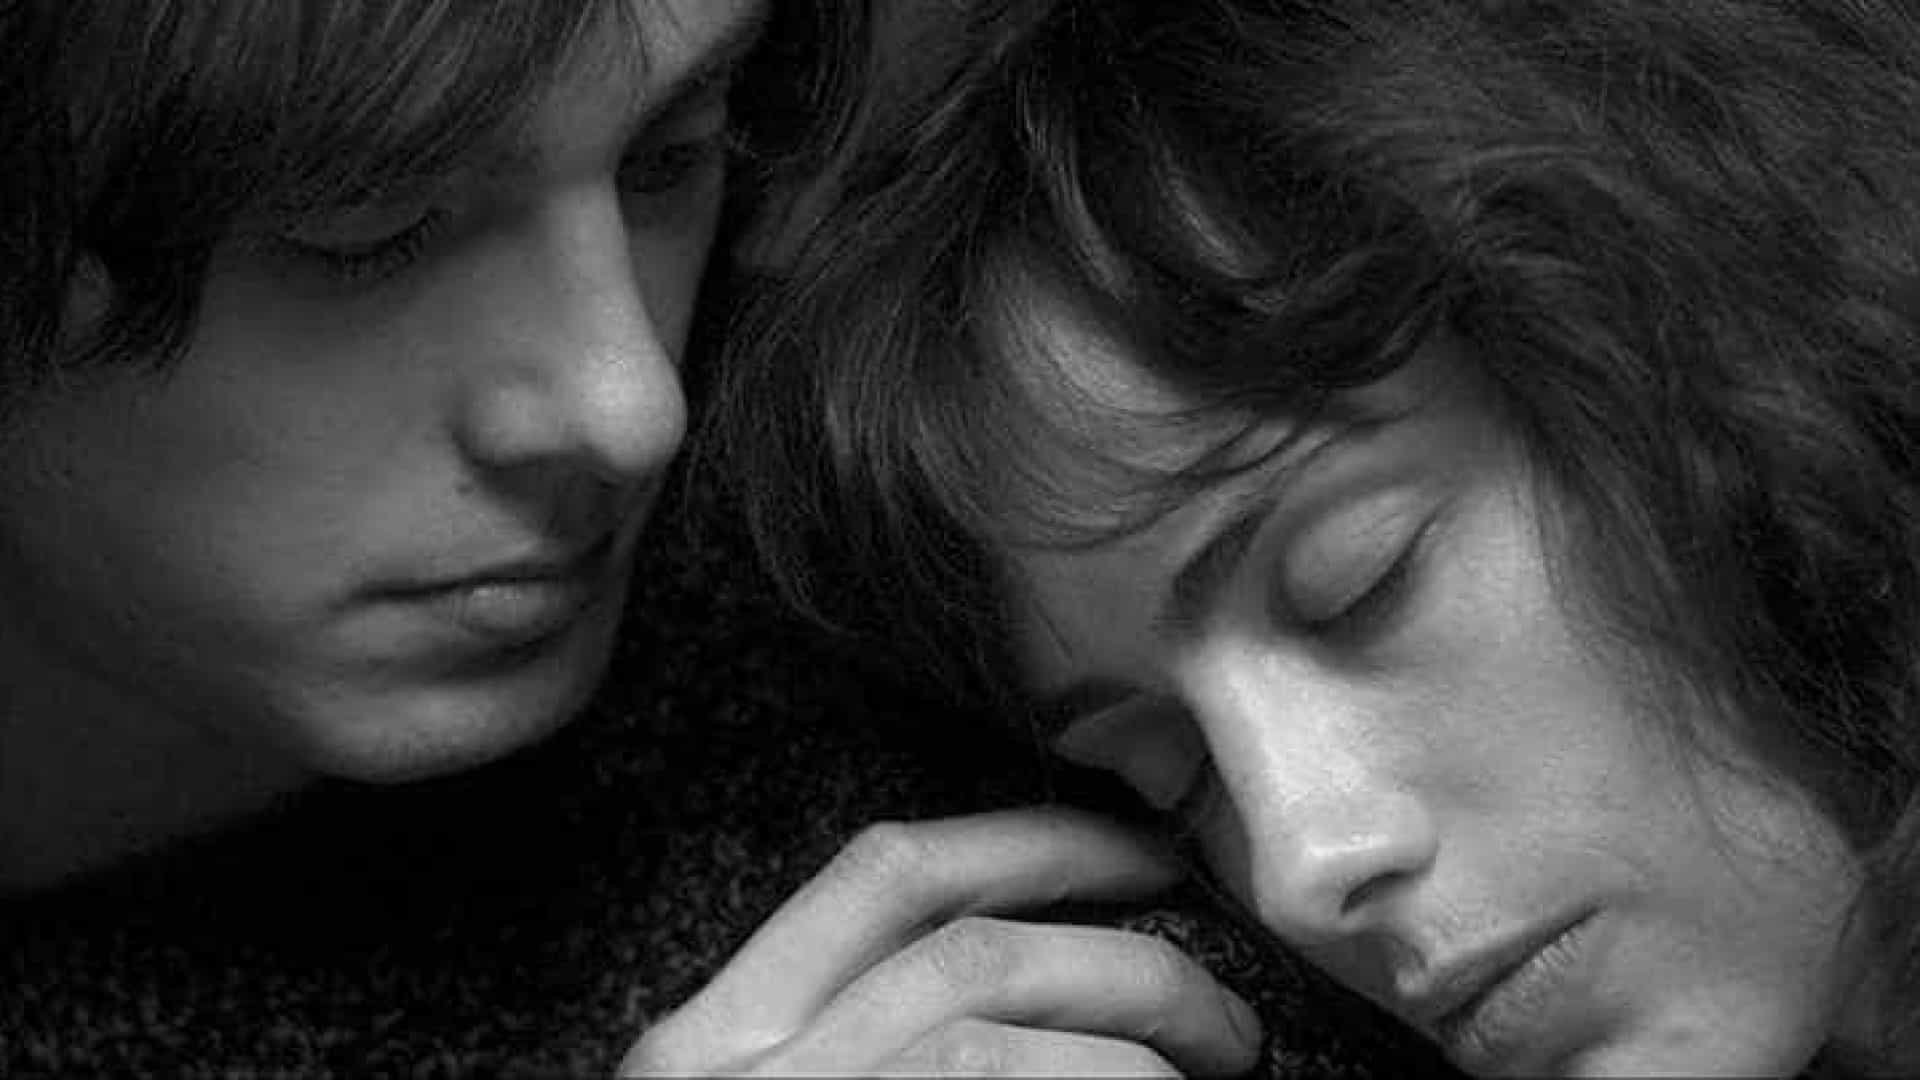 Personagem frágil prejudica retrato da juventude no filme 'Paris 8'